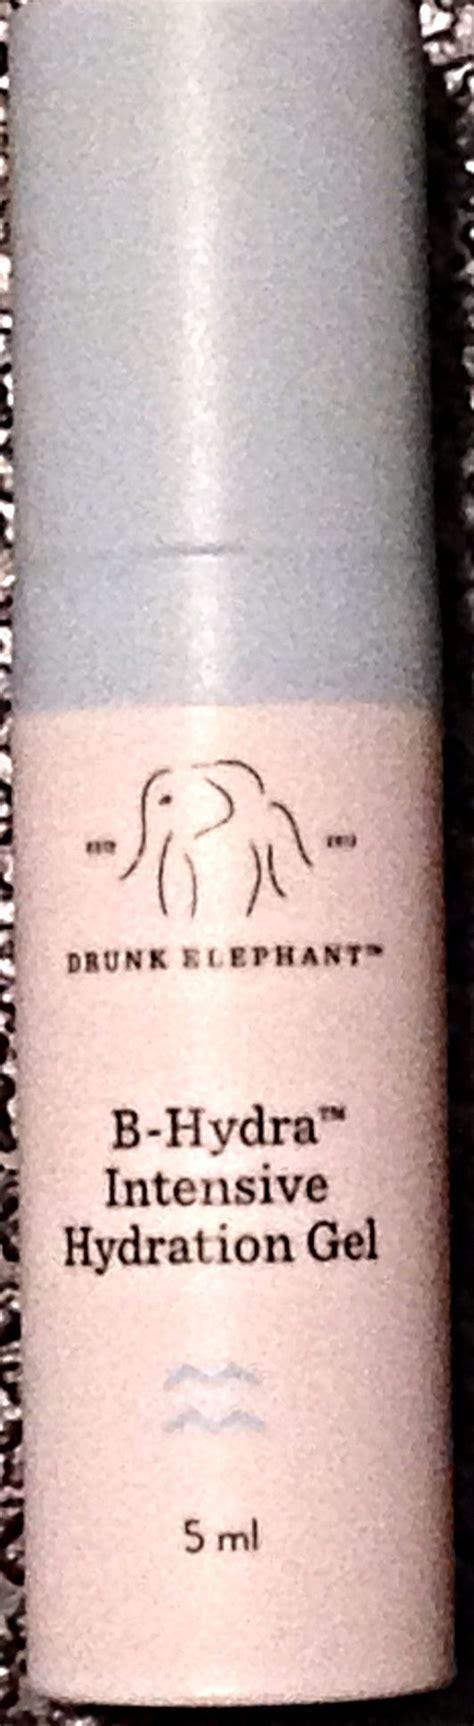 b hydra intensive hydration gel elephant b hydra intensive hydration gel reviews in